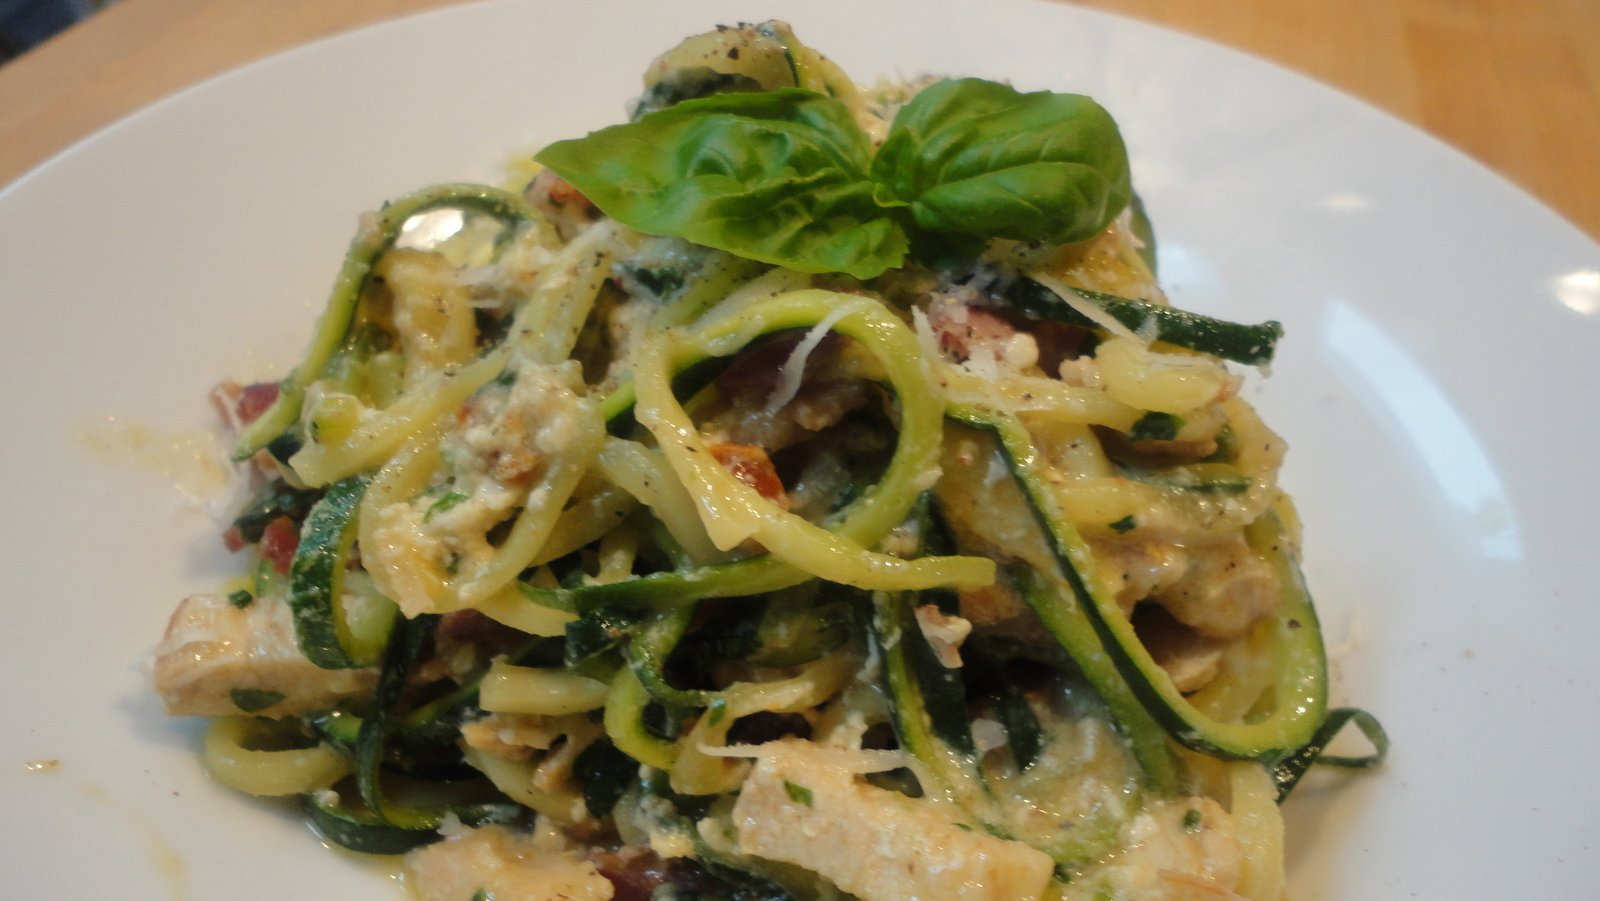 carbonara zucchini spaghetti carbonara zucchini carbonara 2 zucchini ...